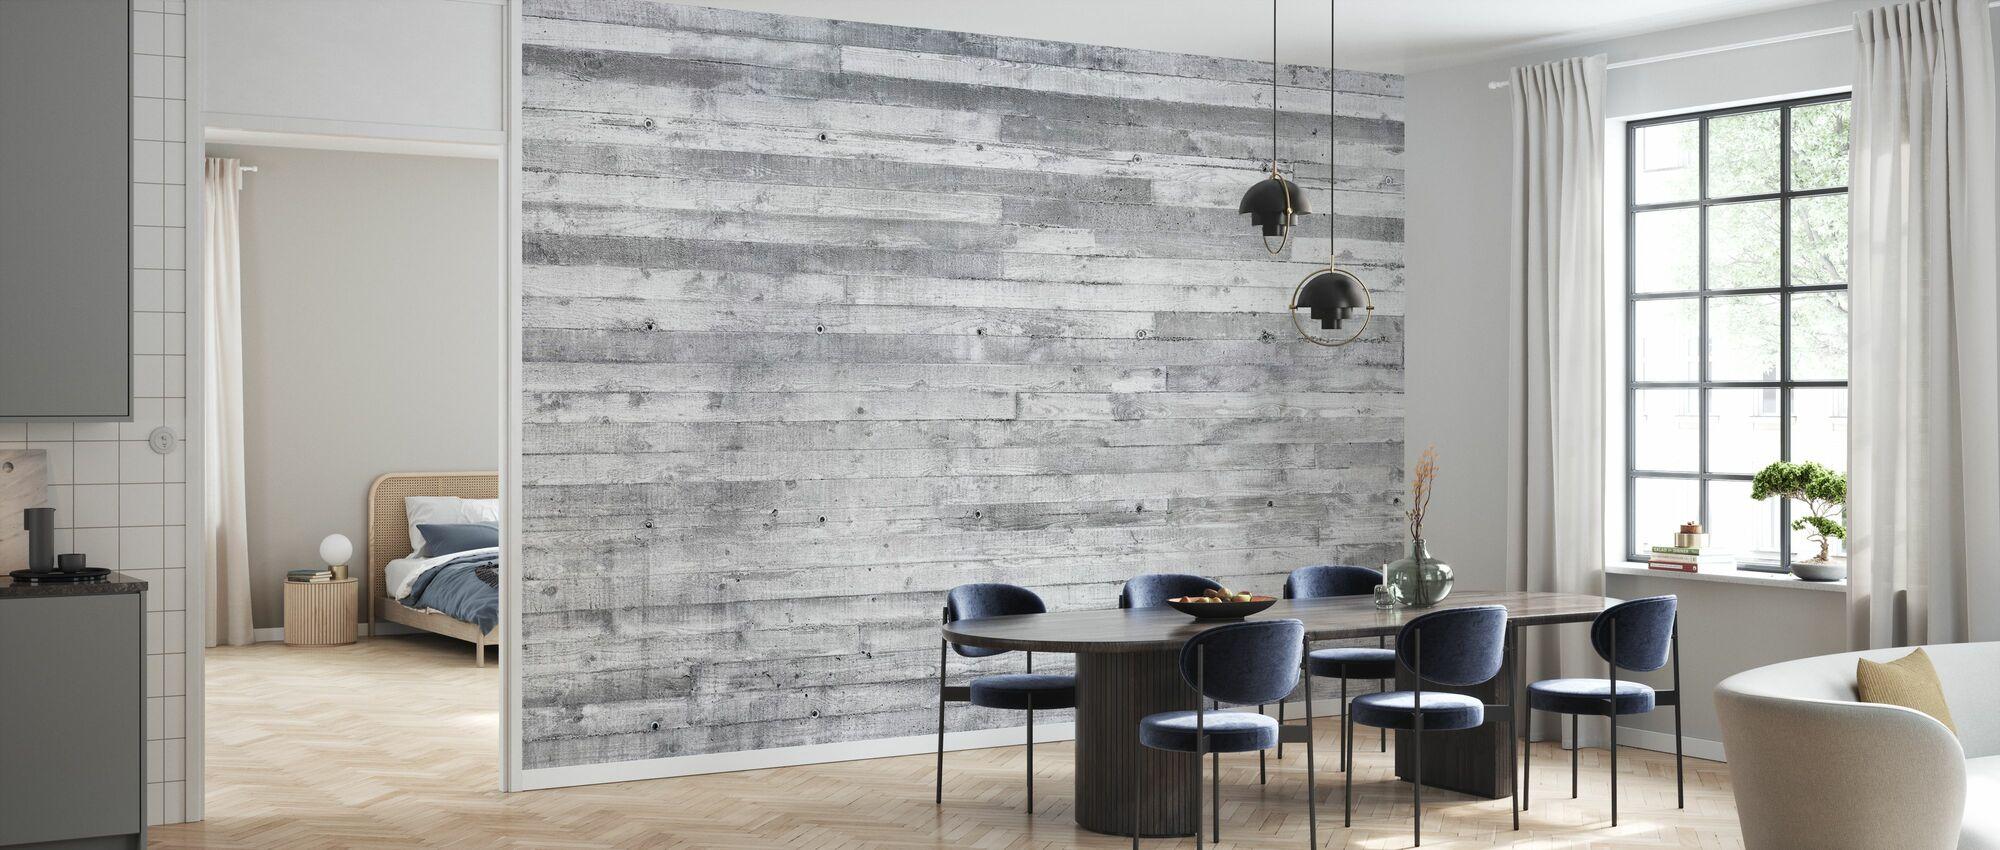 Concrete Wall Horizontal Planks - Wallpaper - Kitchen